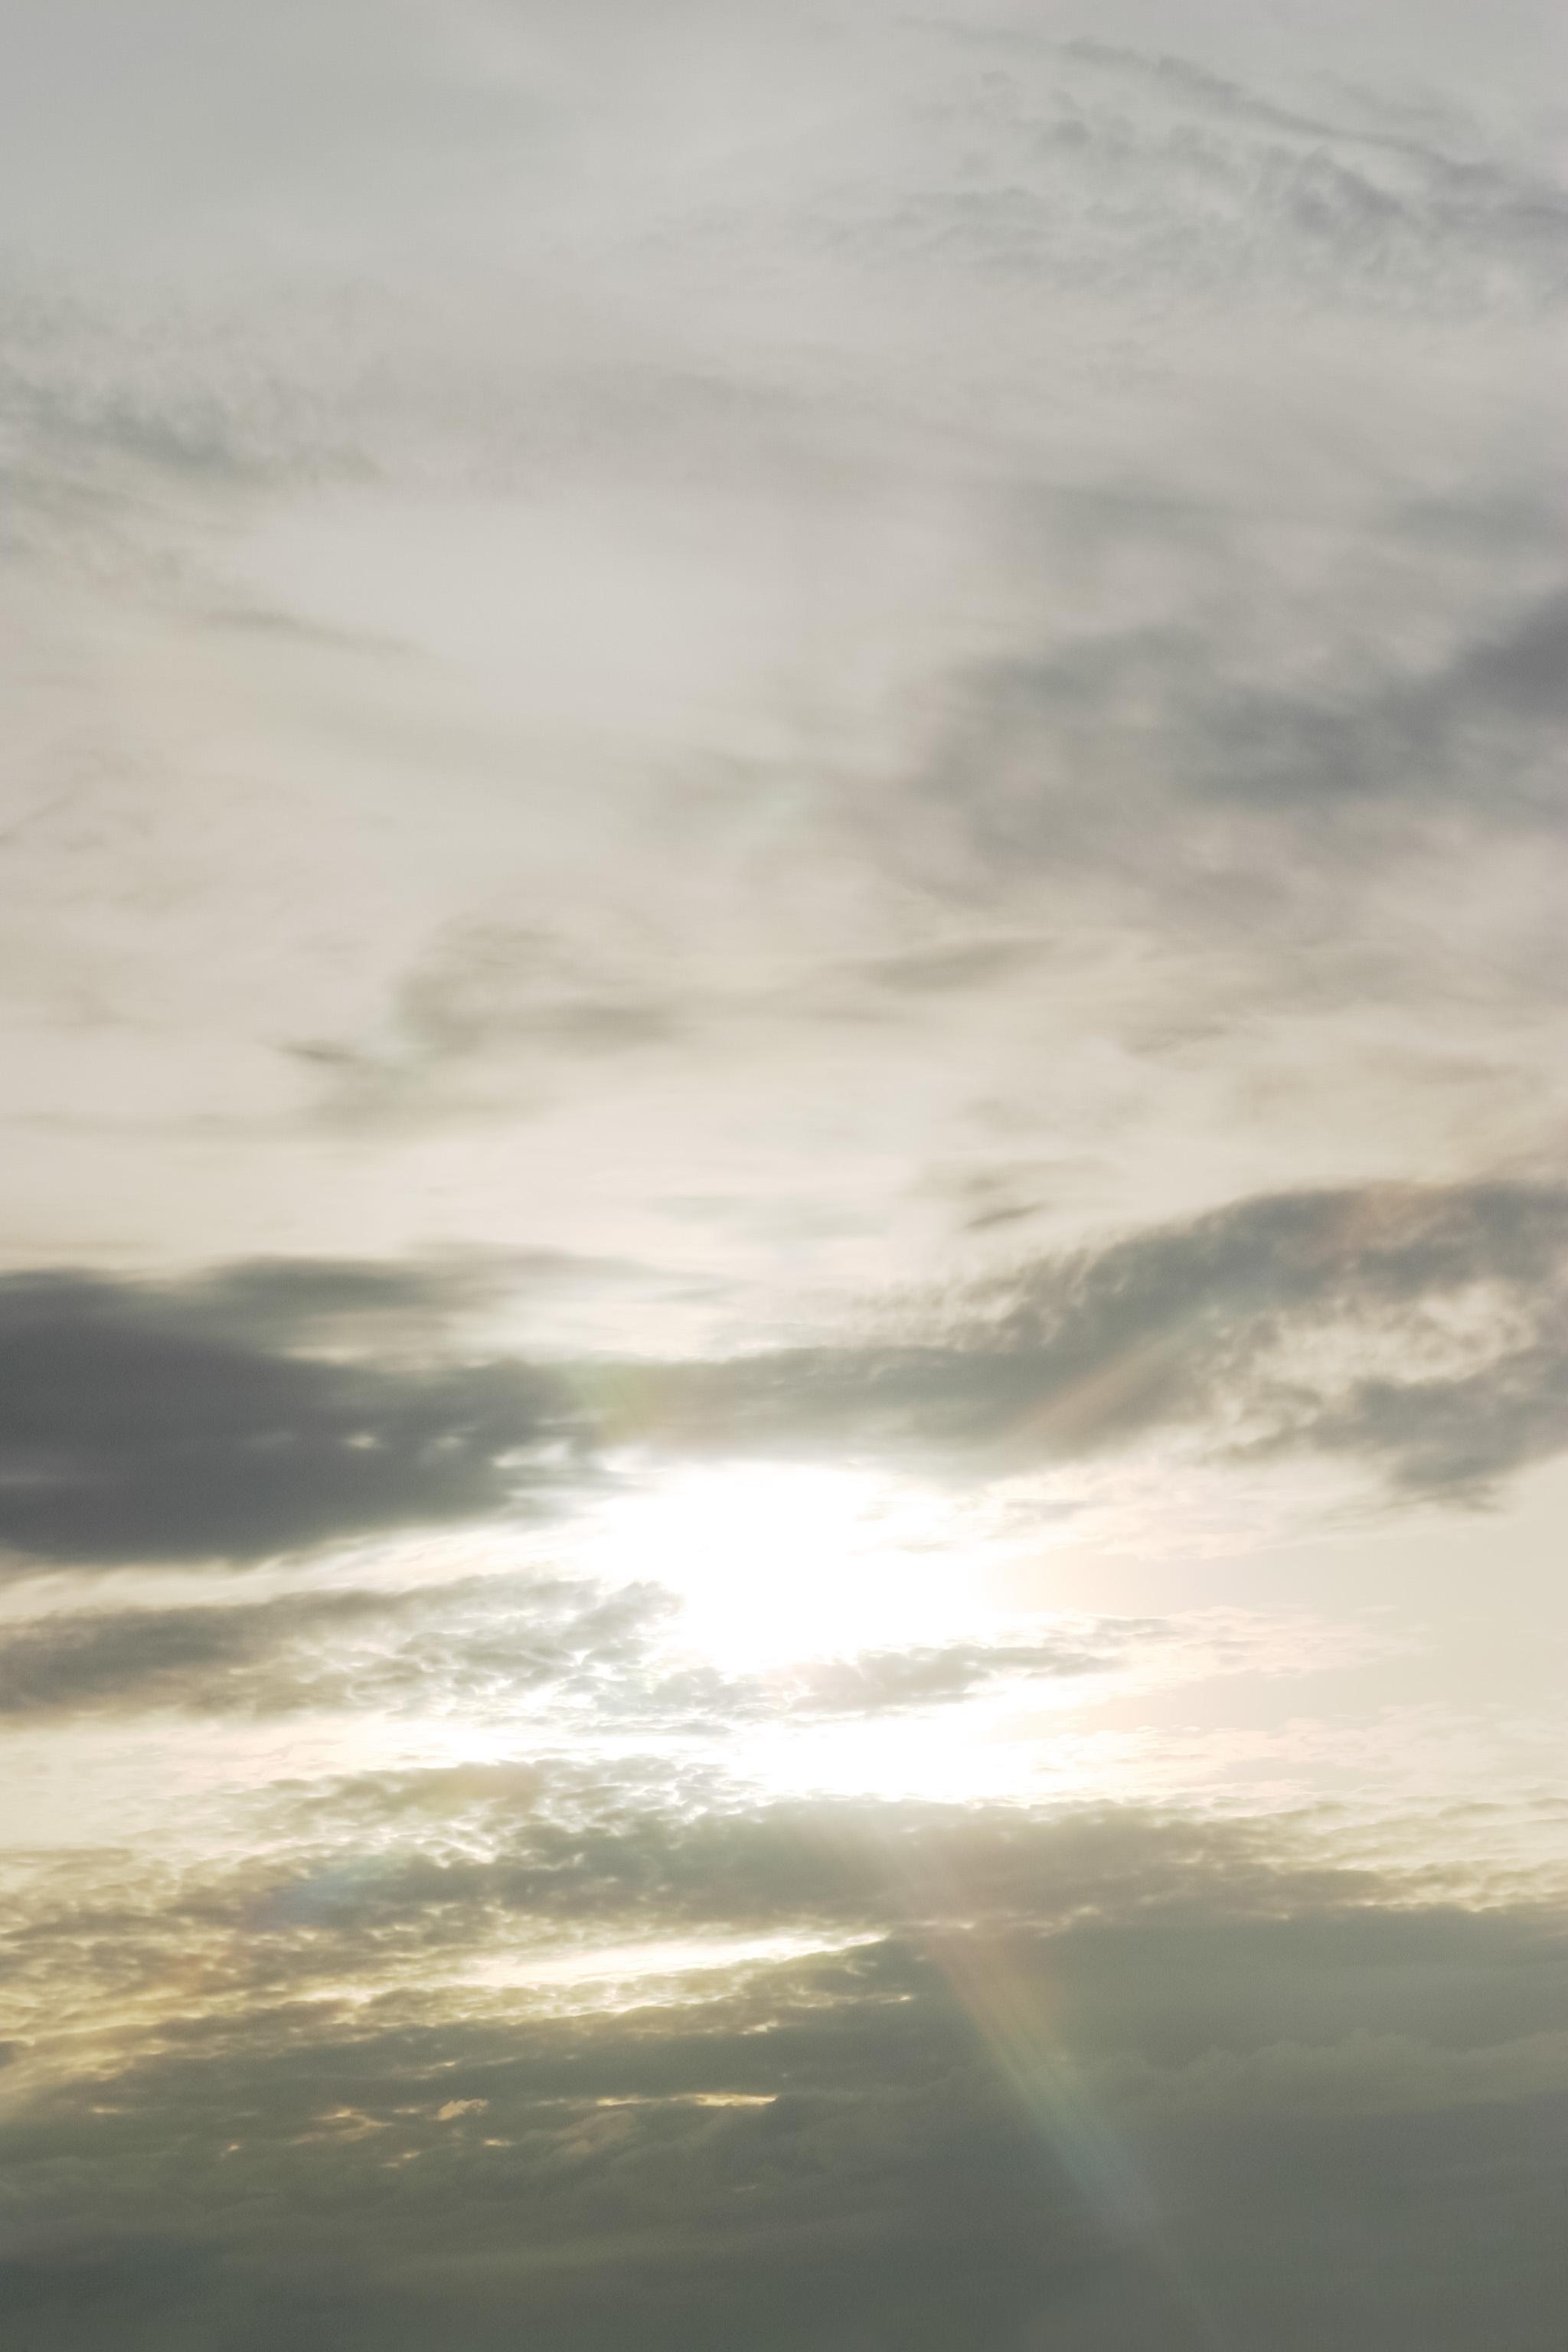 雲の向こうの太陽 Free Photos L/RGB/JPEG/350dpi